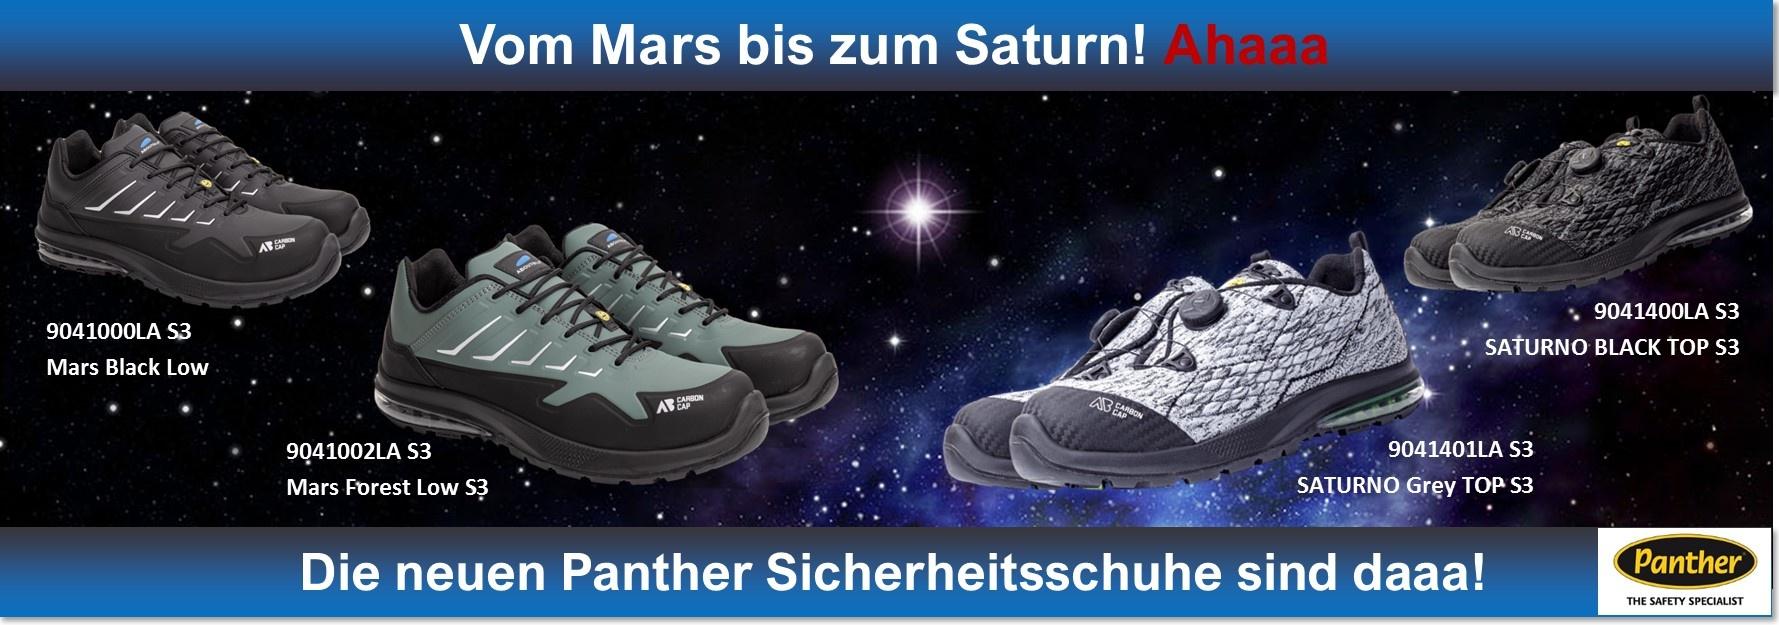 Panther Universum